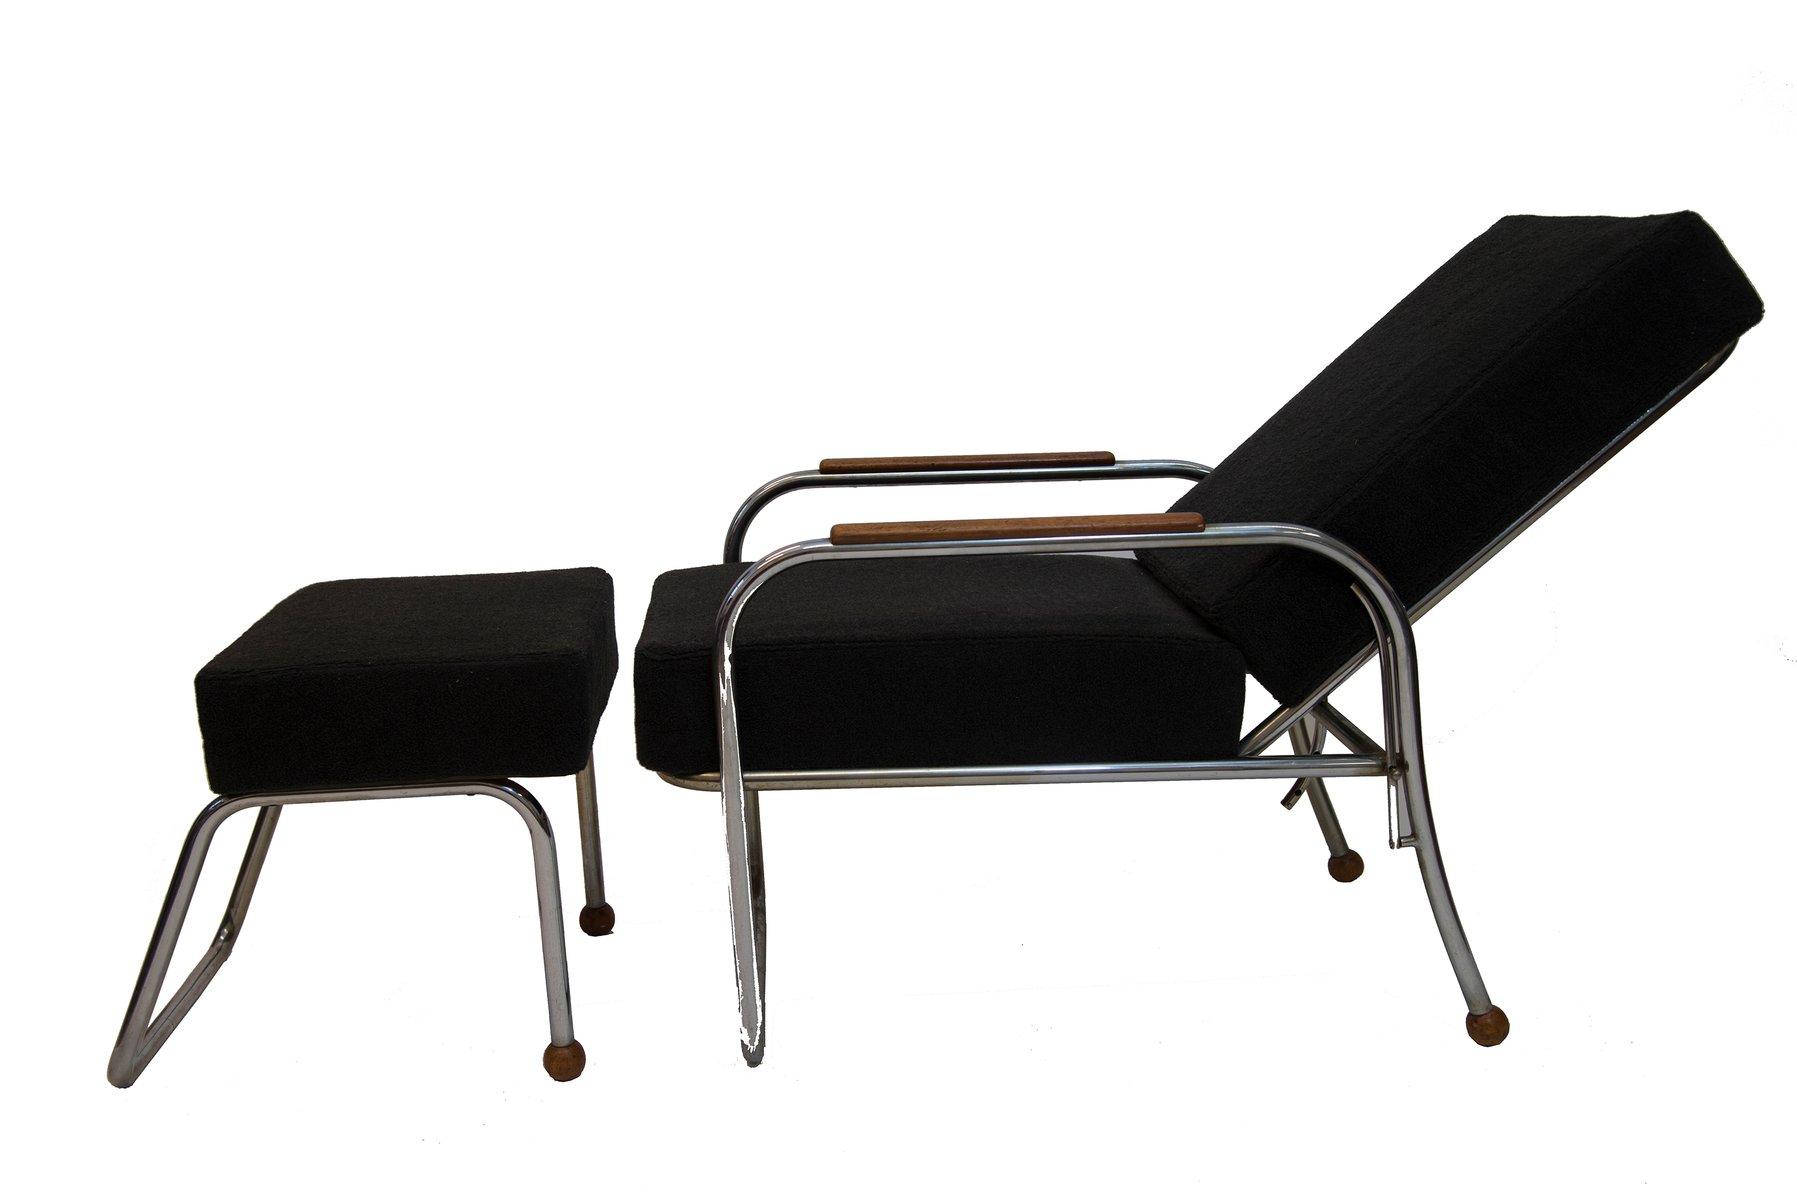 deutscher vintage sessel mit fu hocker bei pamono kaufen. Black Bedroom Furniture Sets. Home Design Ideas